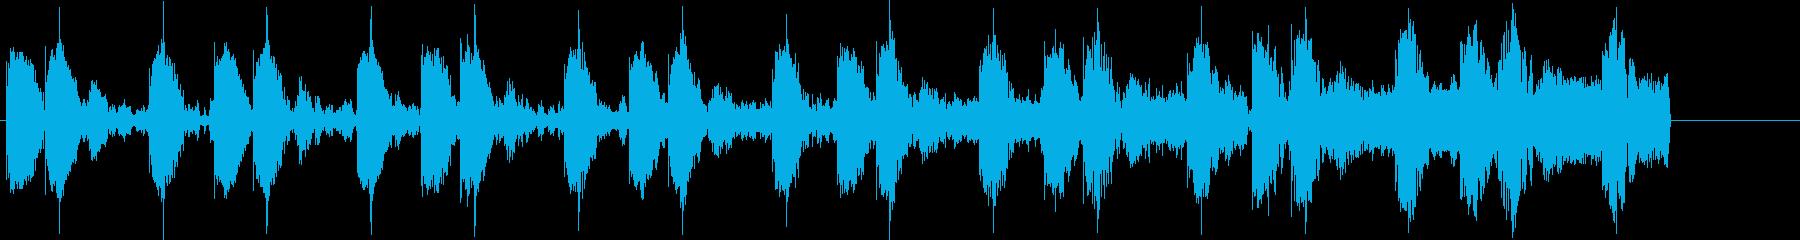 ドラムマシーンを使用した怪しい雰囲気の曲の再生済みの波形